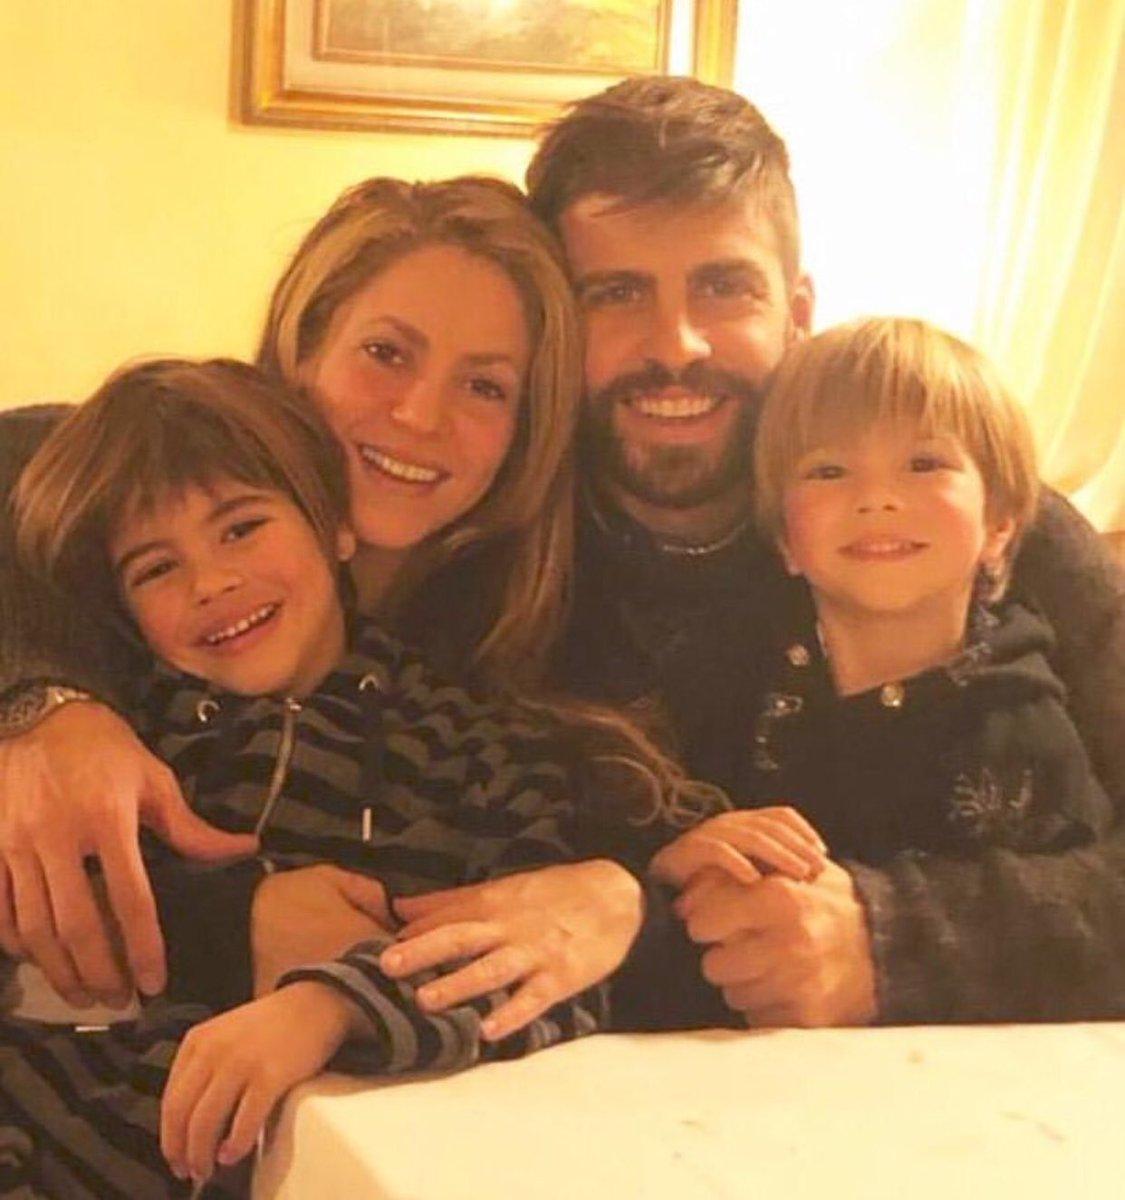 #Shakira y #Piqué le desean felices fiestas de fin de año a sus seguidores con esta foto familiar 😍 https://t.co/LkQOjAw3i8